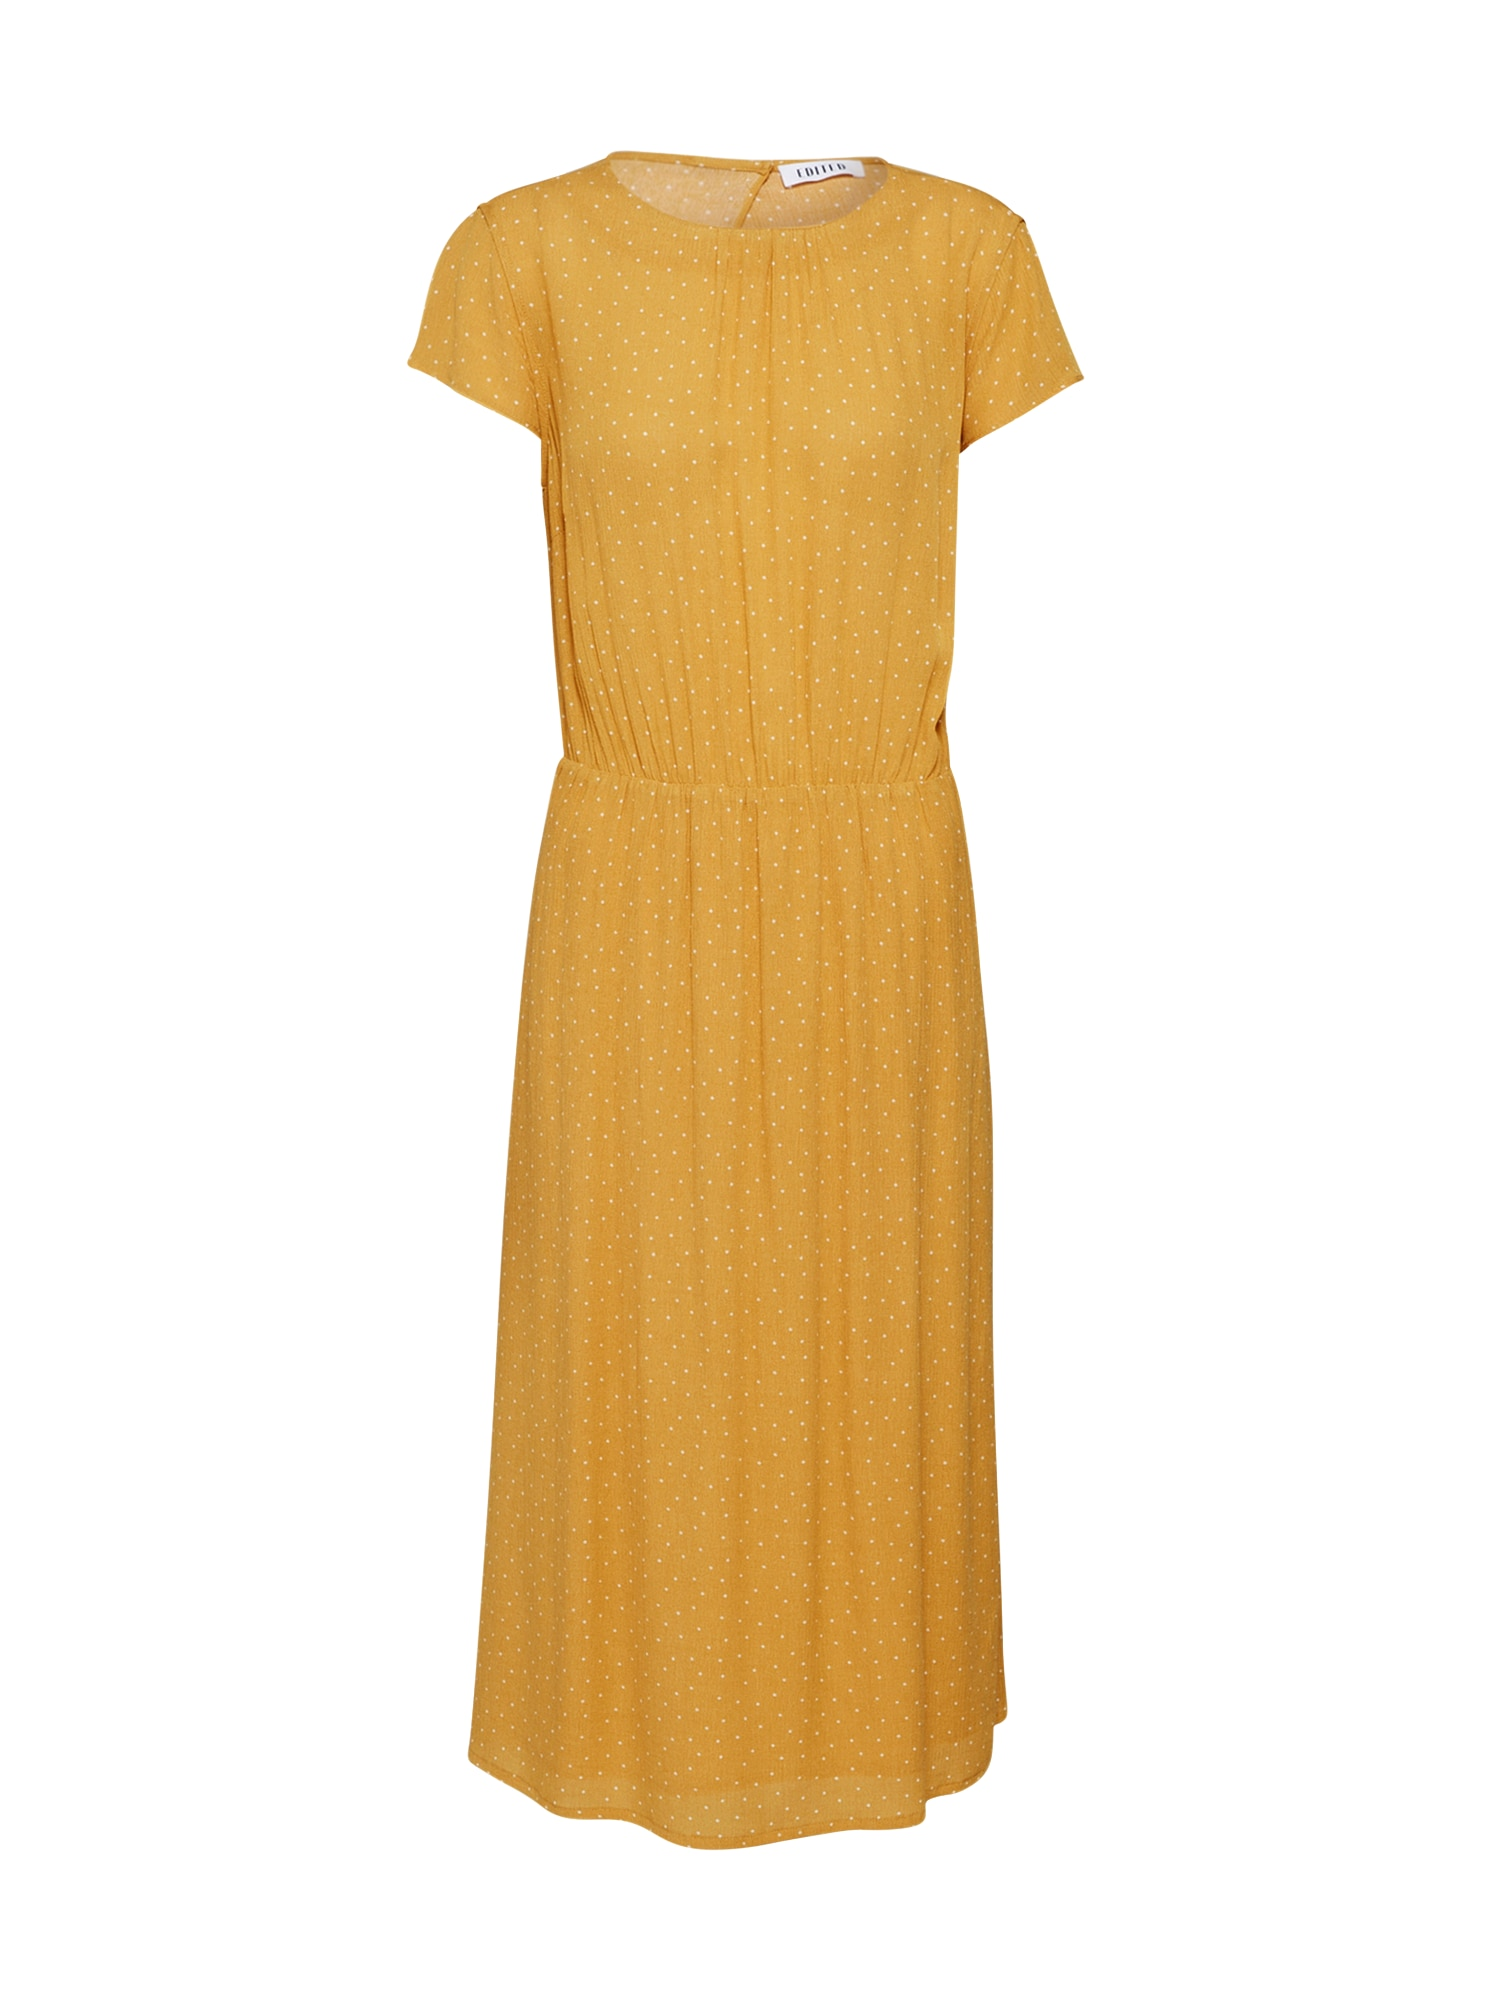 Letní šaty Yarina hořčicová bílá EDITED